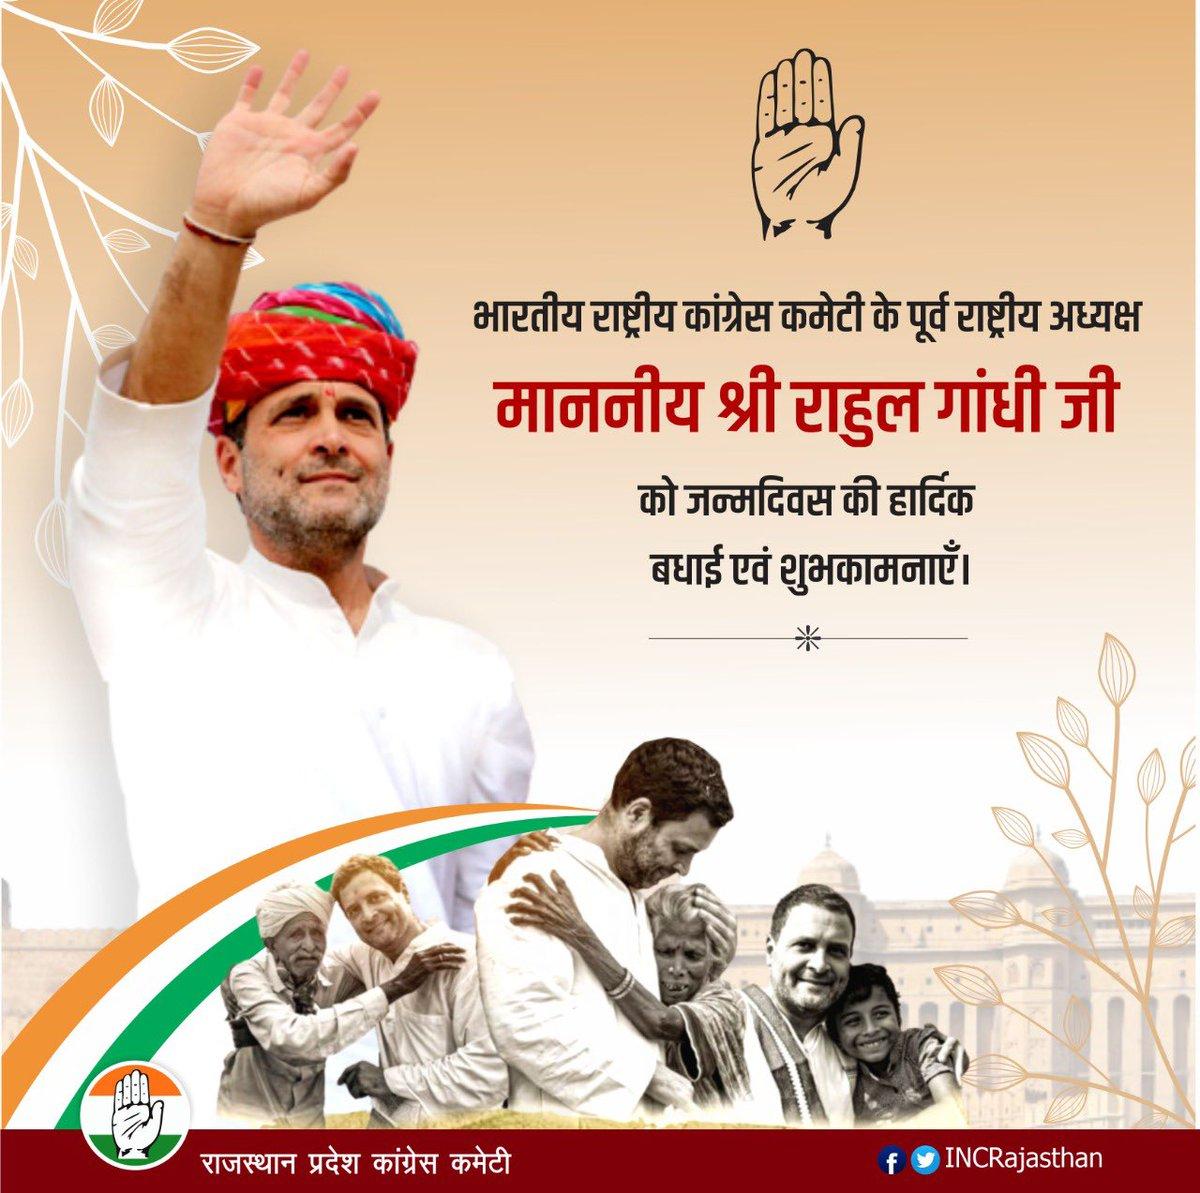 राजस्थान प्रदेश कांग्रेस कमेटी की ओर से पूर्व भारतीय राष्ट्रीय कांग्रेस अध्यक्ष युवाहृदय सम्राट श्री राहुल गांधी जी को जन्मदिवस की हार्दिक बधाई एवं शुभकामनाएँ। #HappyBirthdayRahulGandhi https://t.co/hyHBkPDloh